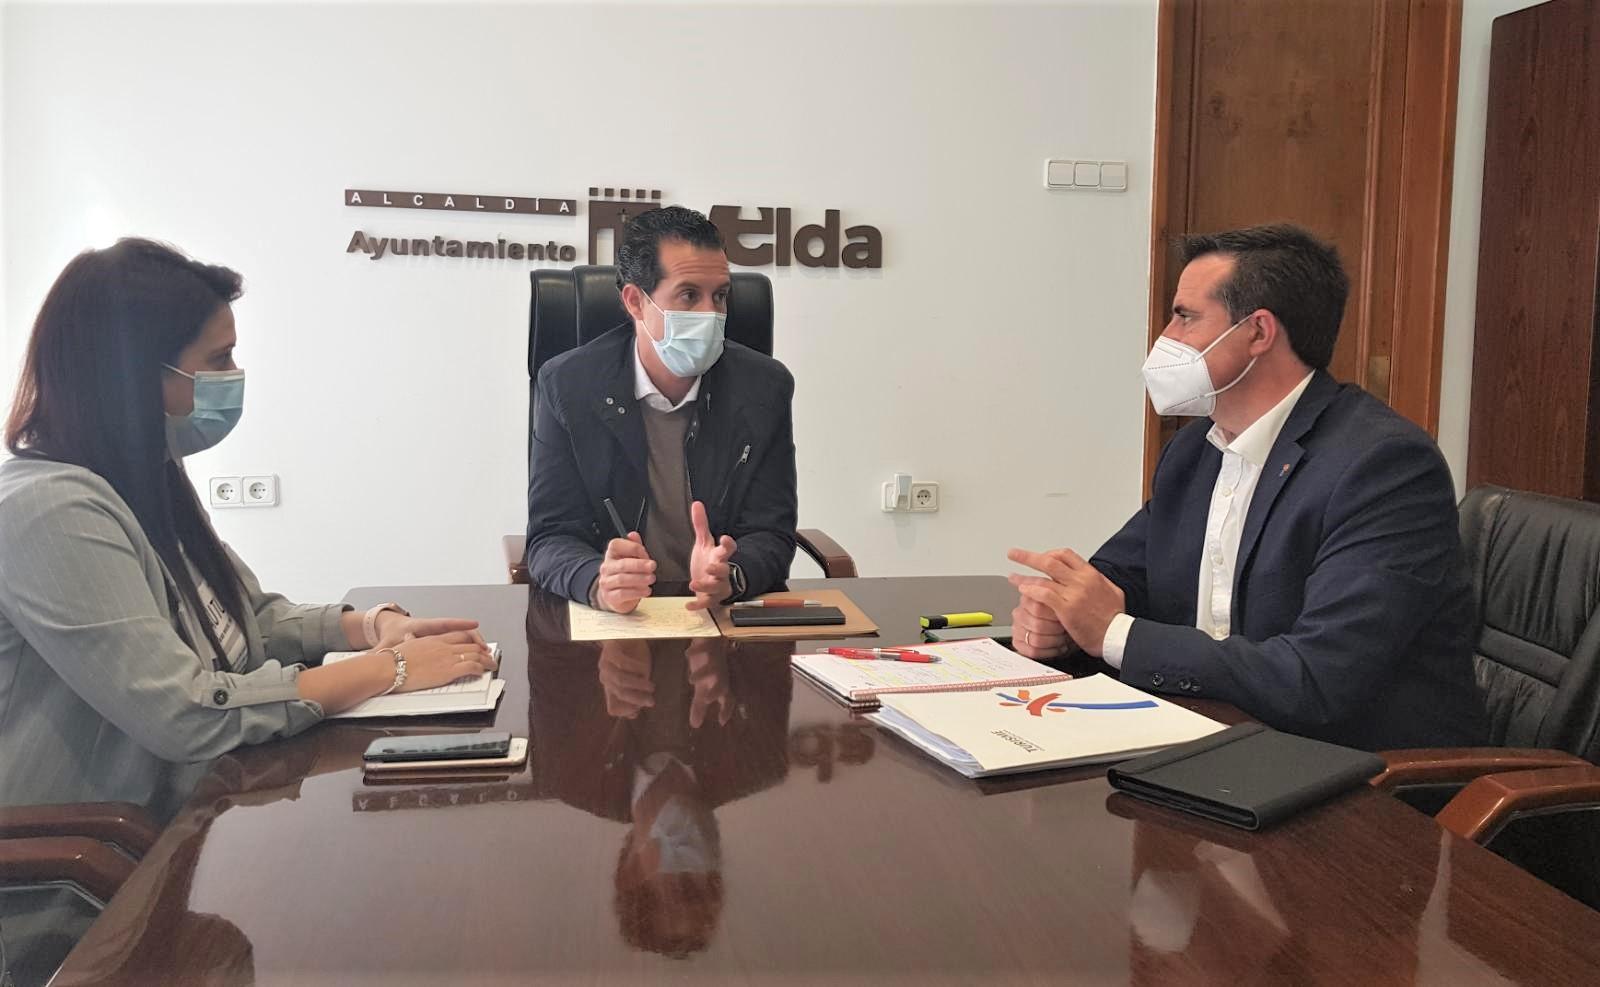 El alcalde de Elda y el director general de Turismo sientan las bases del Plan de Sostenibilidad Turística del Vinalopó que ayudará a la recuperación tras la pandemia